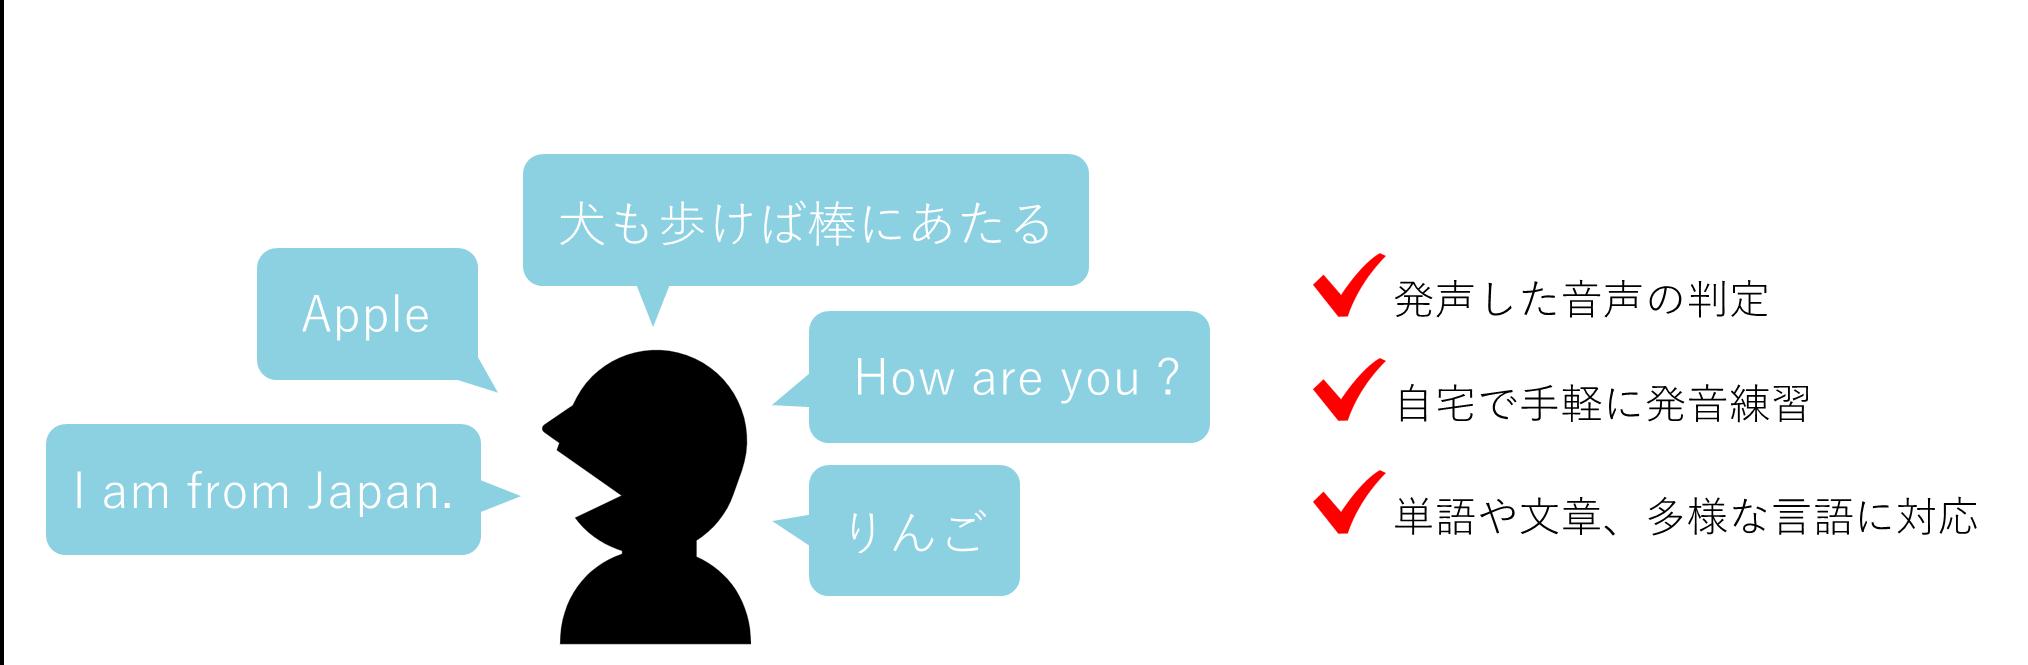 音声の認識と判定の特徴。発生した音声の判定。自宅で気軽に発音練習。単語や文章、多様な言語に対応。